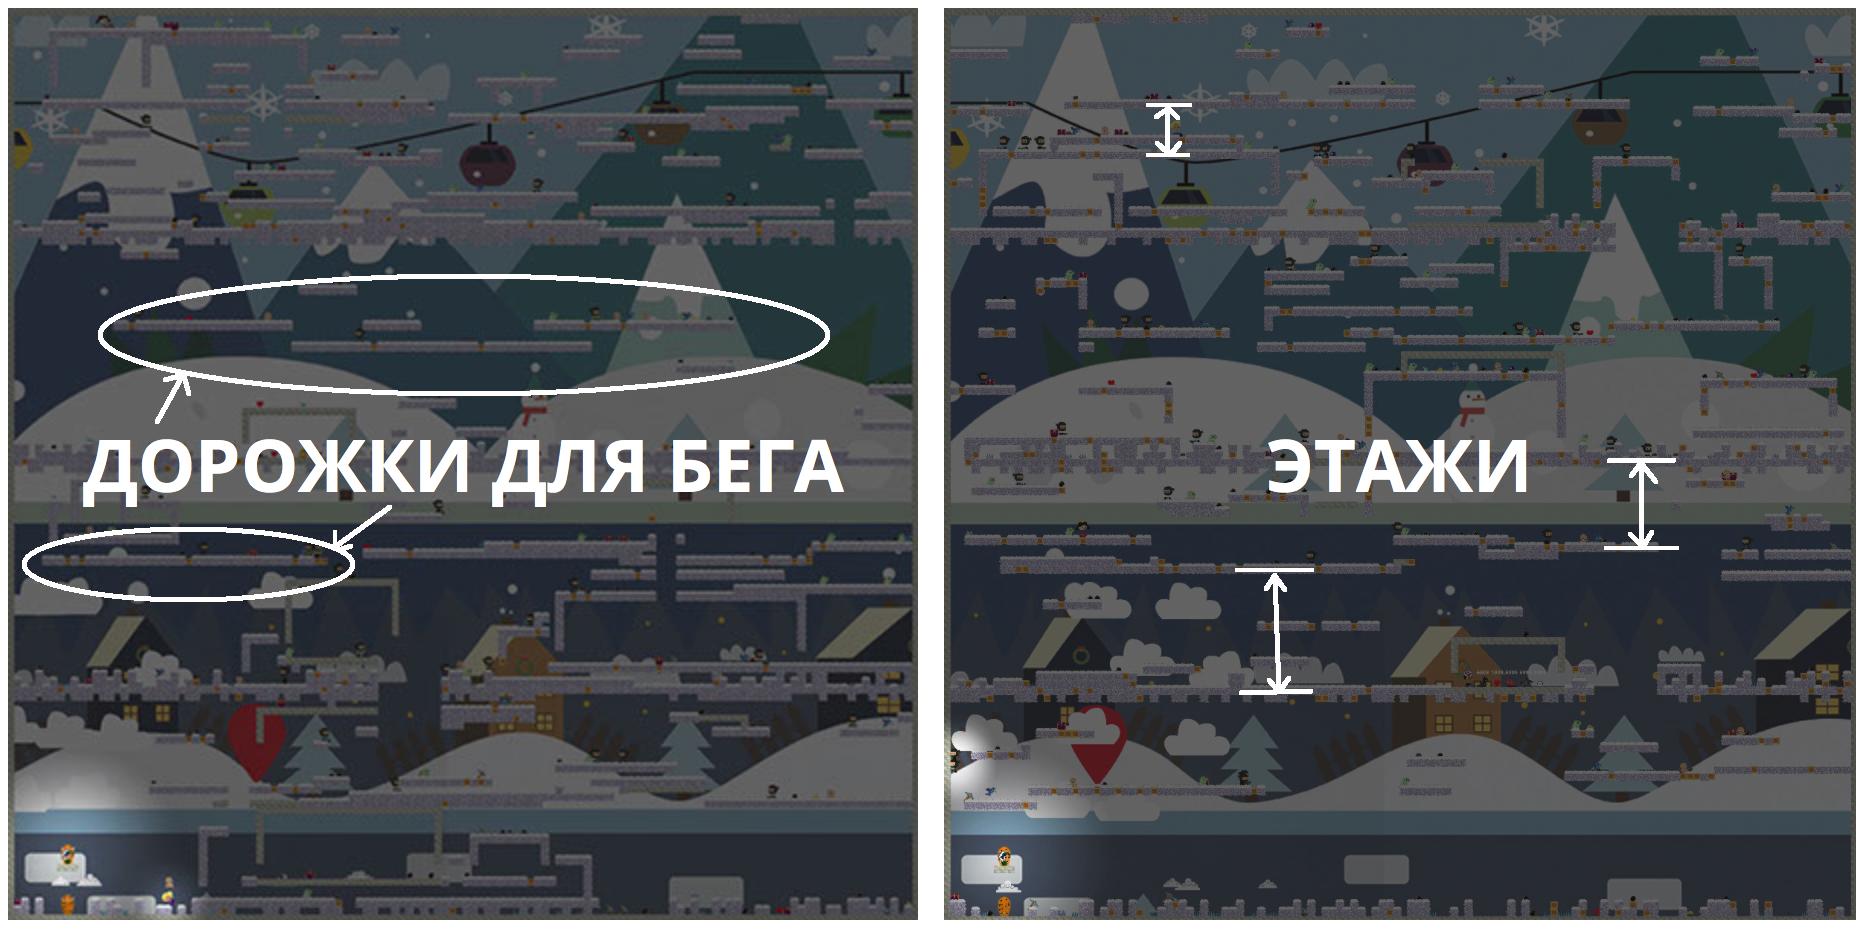 Алгоритмы интеллектуальной автогенерации уровней в iOS игре - Изображение 3